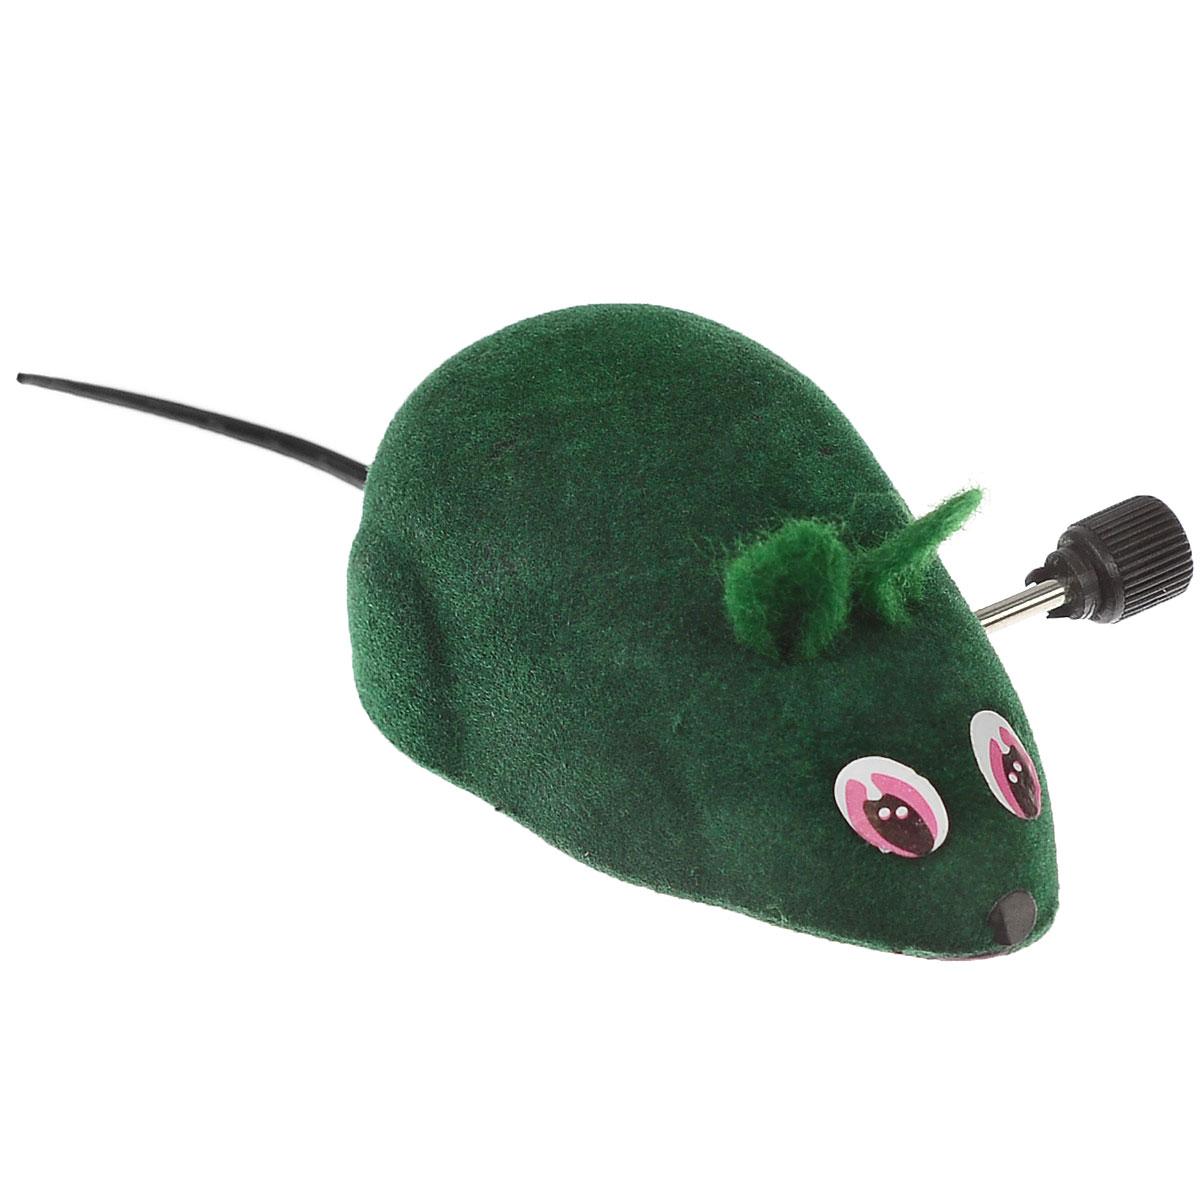 Игрушка для кошек Beeztees Мышь заводная, цвет: зеленый0120710Игрушка для кошек Beeztees Мышь заводная, изготовленная из пластика и текстиля, привлечет внимания вашей кошки. Изделие оснащено колесиками и заводным механизмом. Игрушка не требует батареек просто покрутите механизм до упора и мышка начнет двигаться. Такая игрушка не навредит здоровью вашего питомца и увлечет его на долгое время.